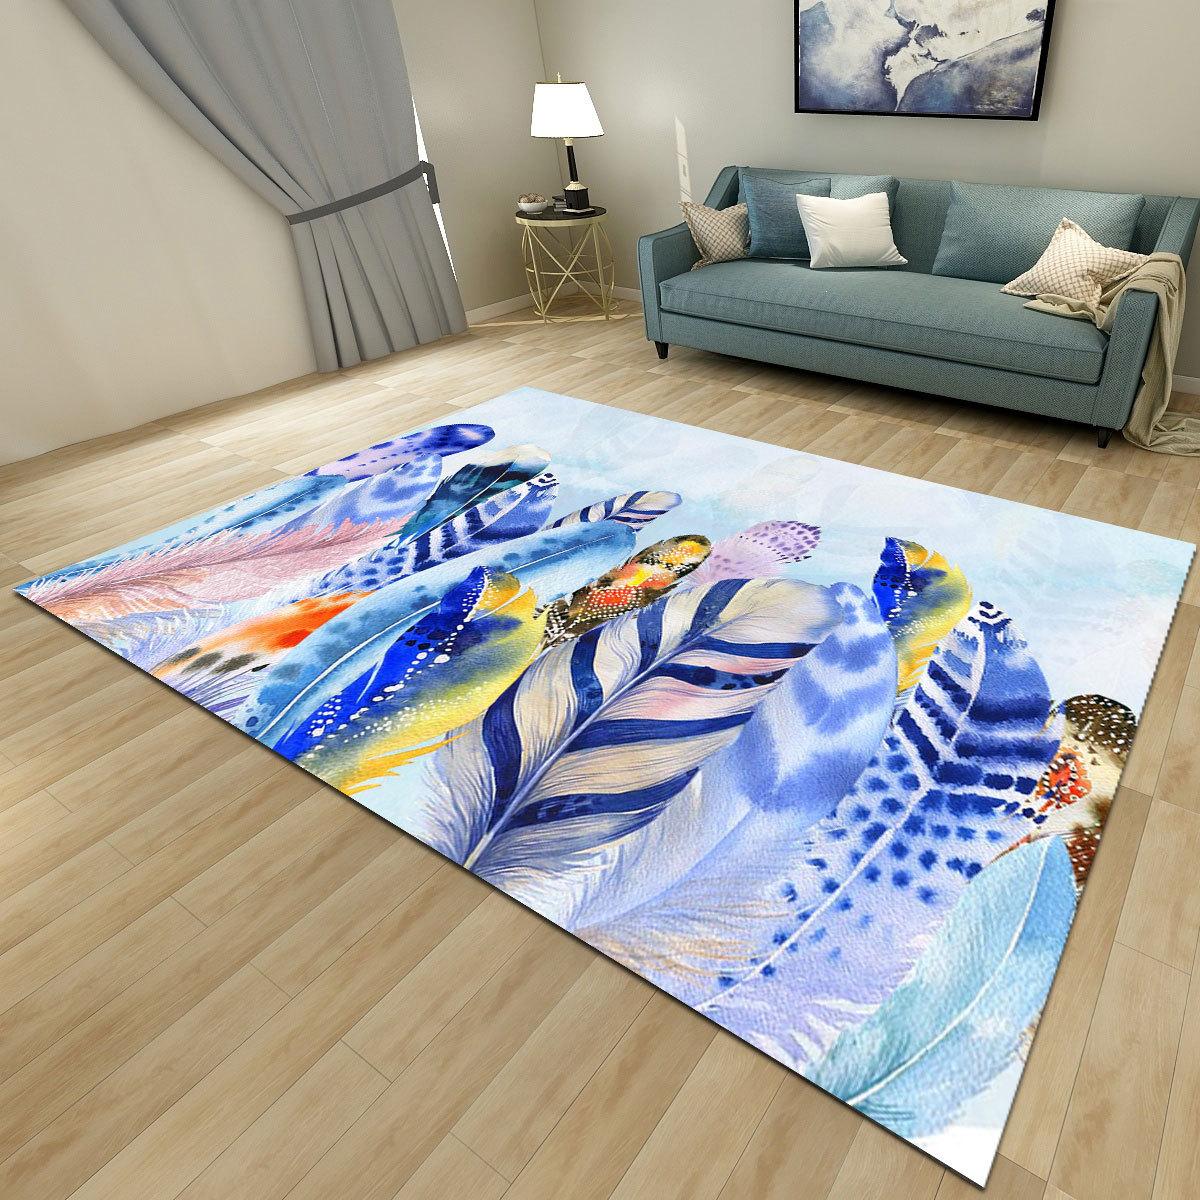 Européen géométrique abstrait simple tapis salon chevet tapis super doux thé table personnalisé matelas salon tapis